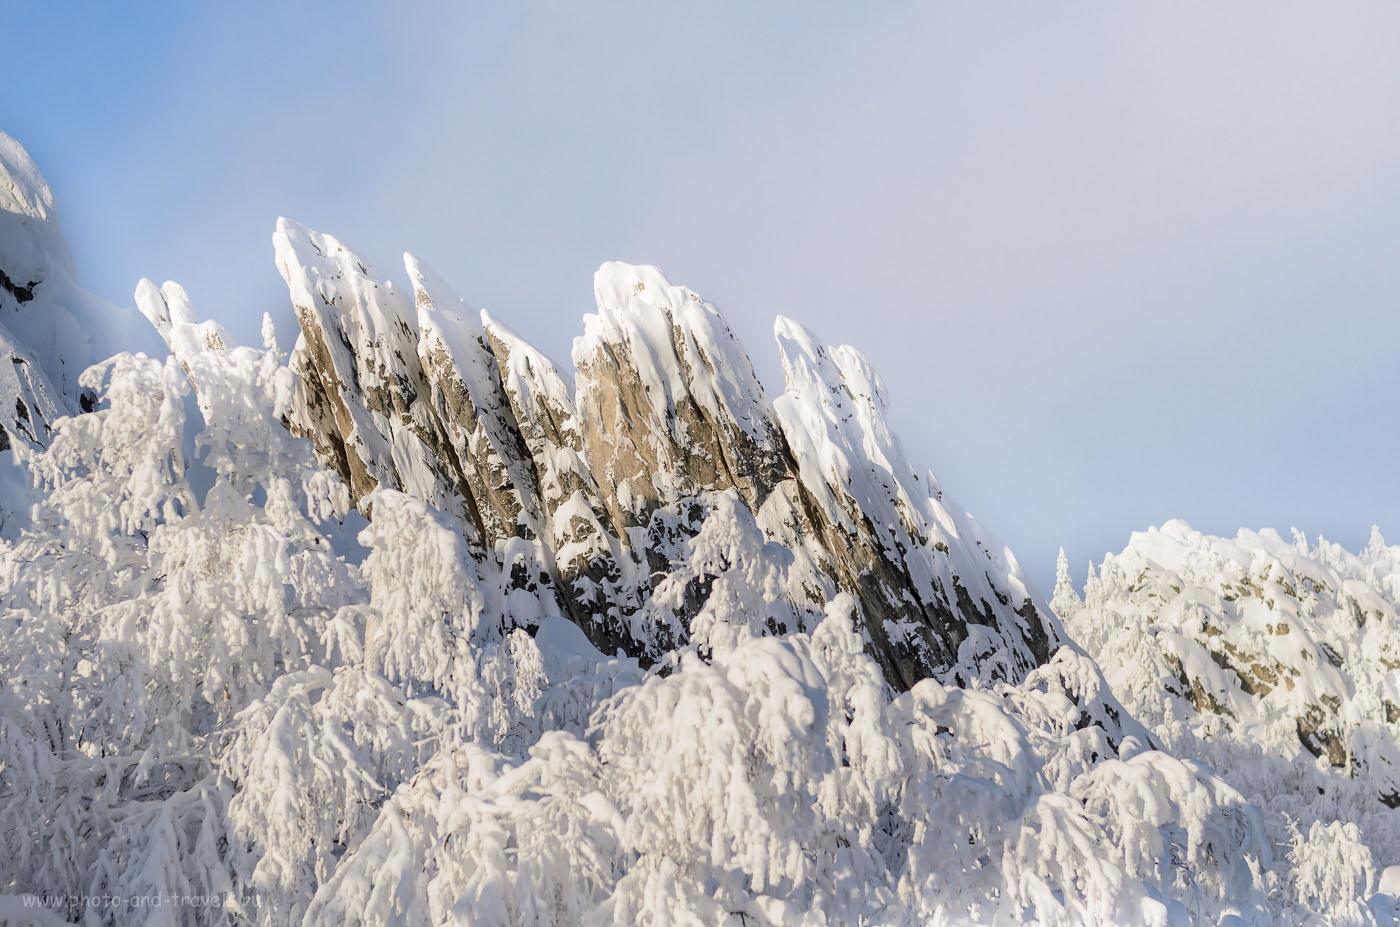 Фотография 6. Скалы «Перья» на вершине Двуглавой сопки. Отчет о походе выходного дня по Таганаю в декабре. 1/4000, 2.5, 200, 50.